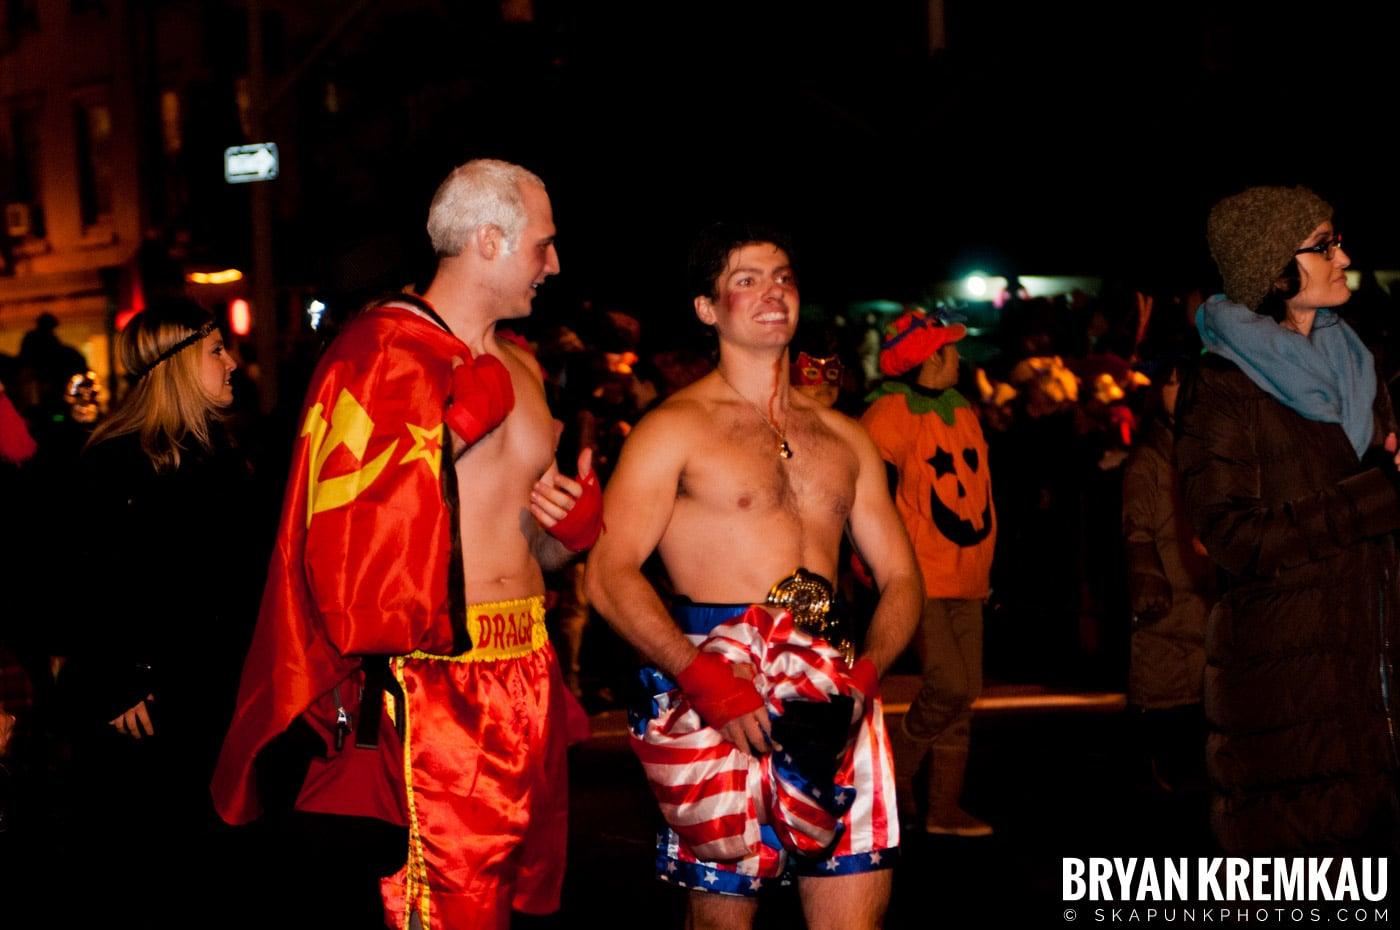 NYC Halloween Parade 2011 @ New York, NY - 10.31.11 (24)